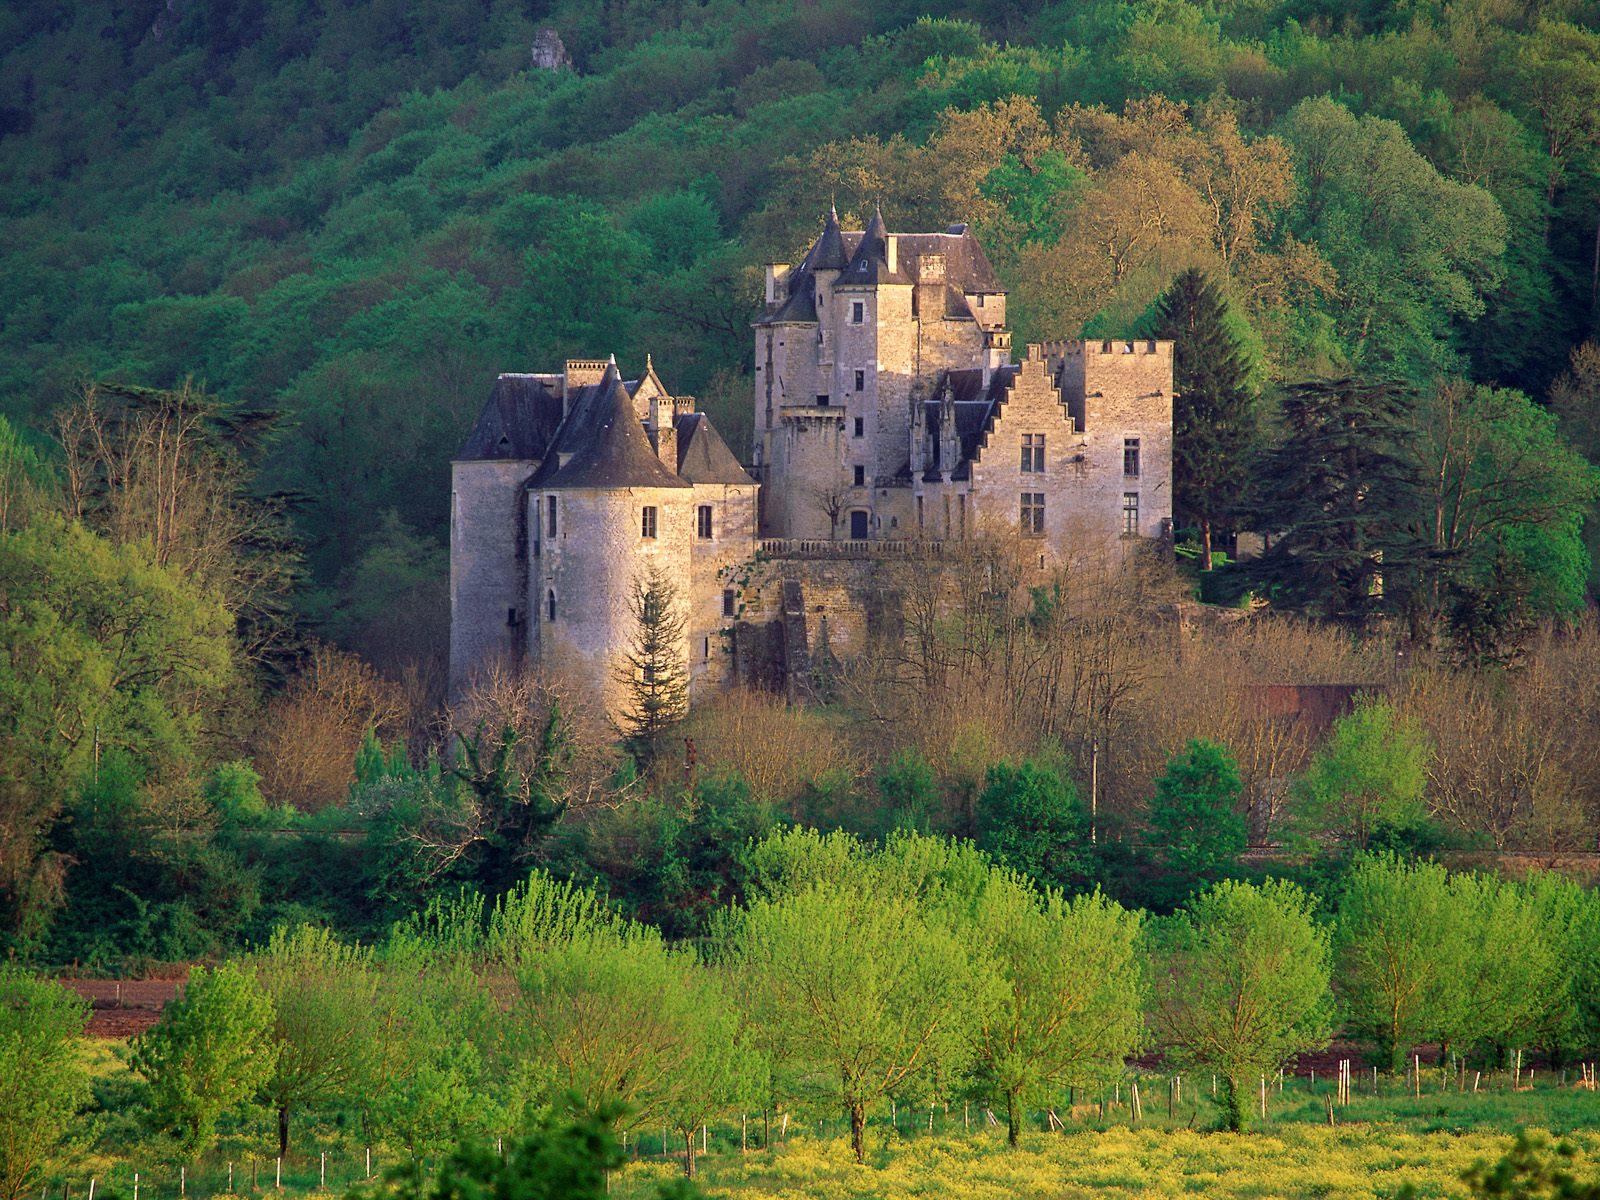 http://4.bp.blogspot.com/_mmBw3uzPnJI/TO6n3qwxfzI/AAAAAAABxfA/EbEwiGkUp4s/s1600/Fayrac-Manor-Beynac-France.jpg